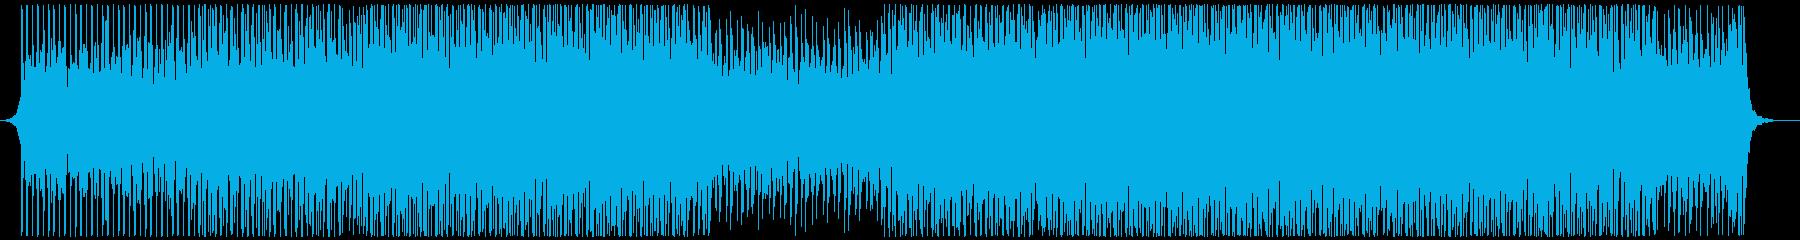 高揚感あふれるポップの再生済みの波形